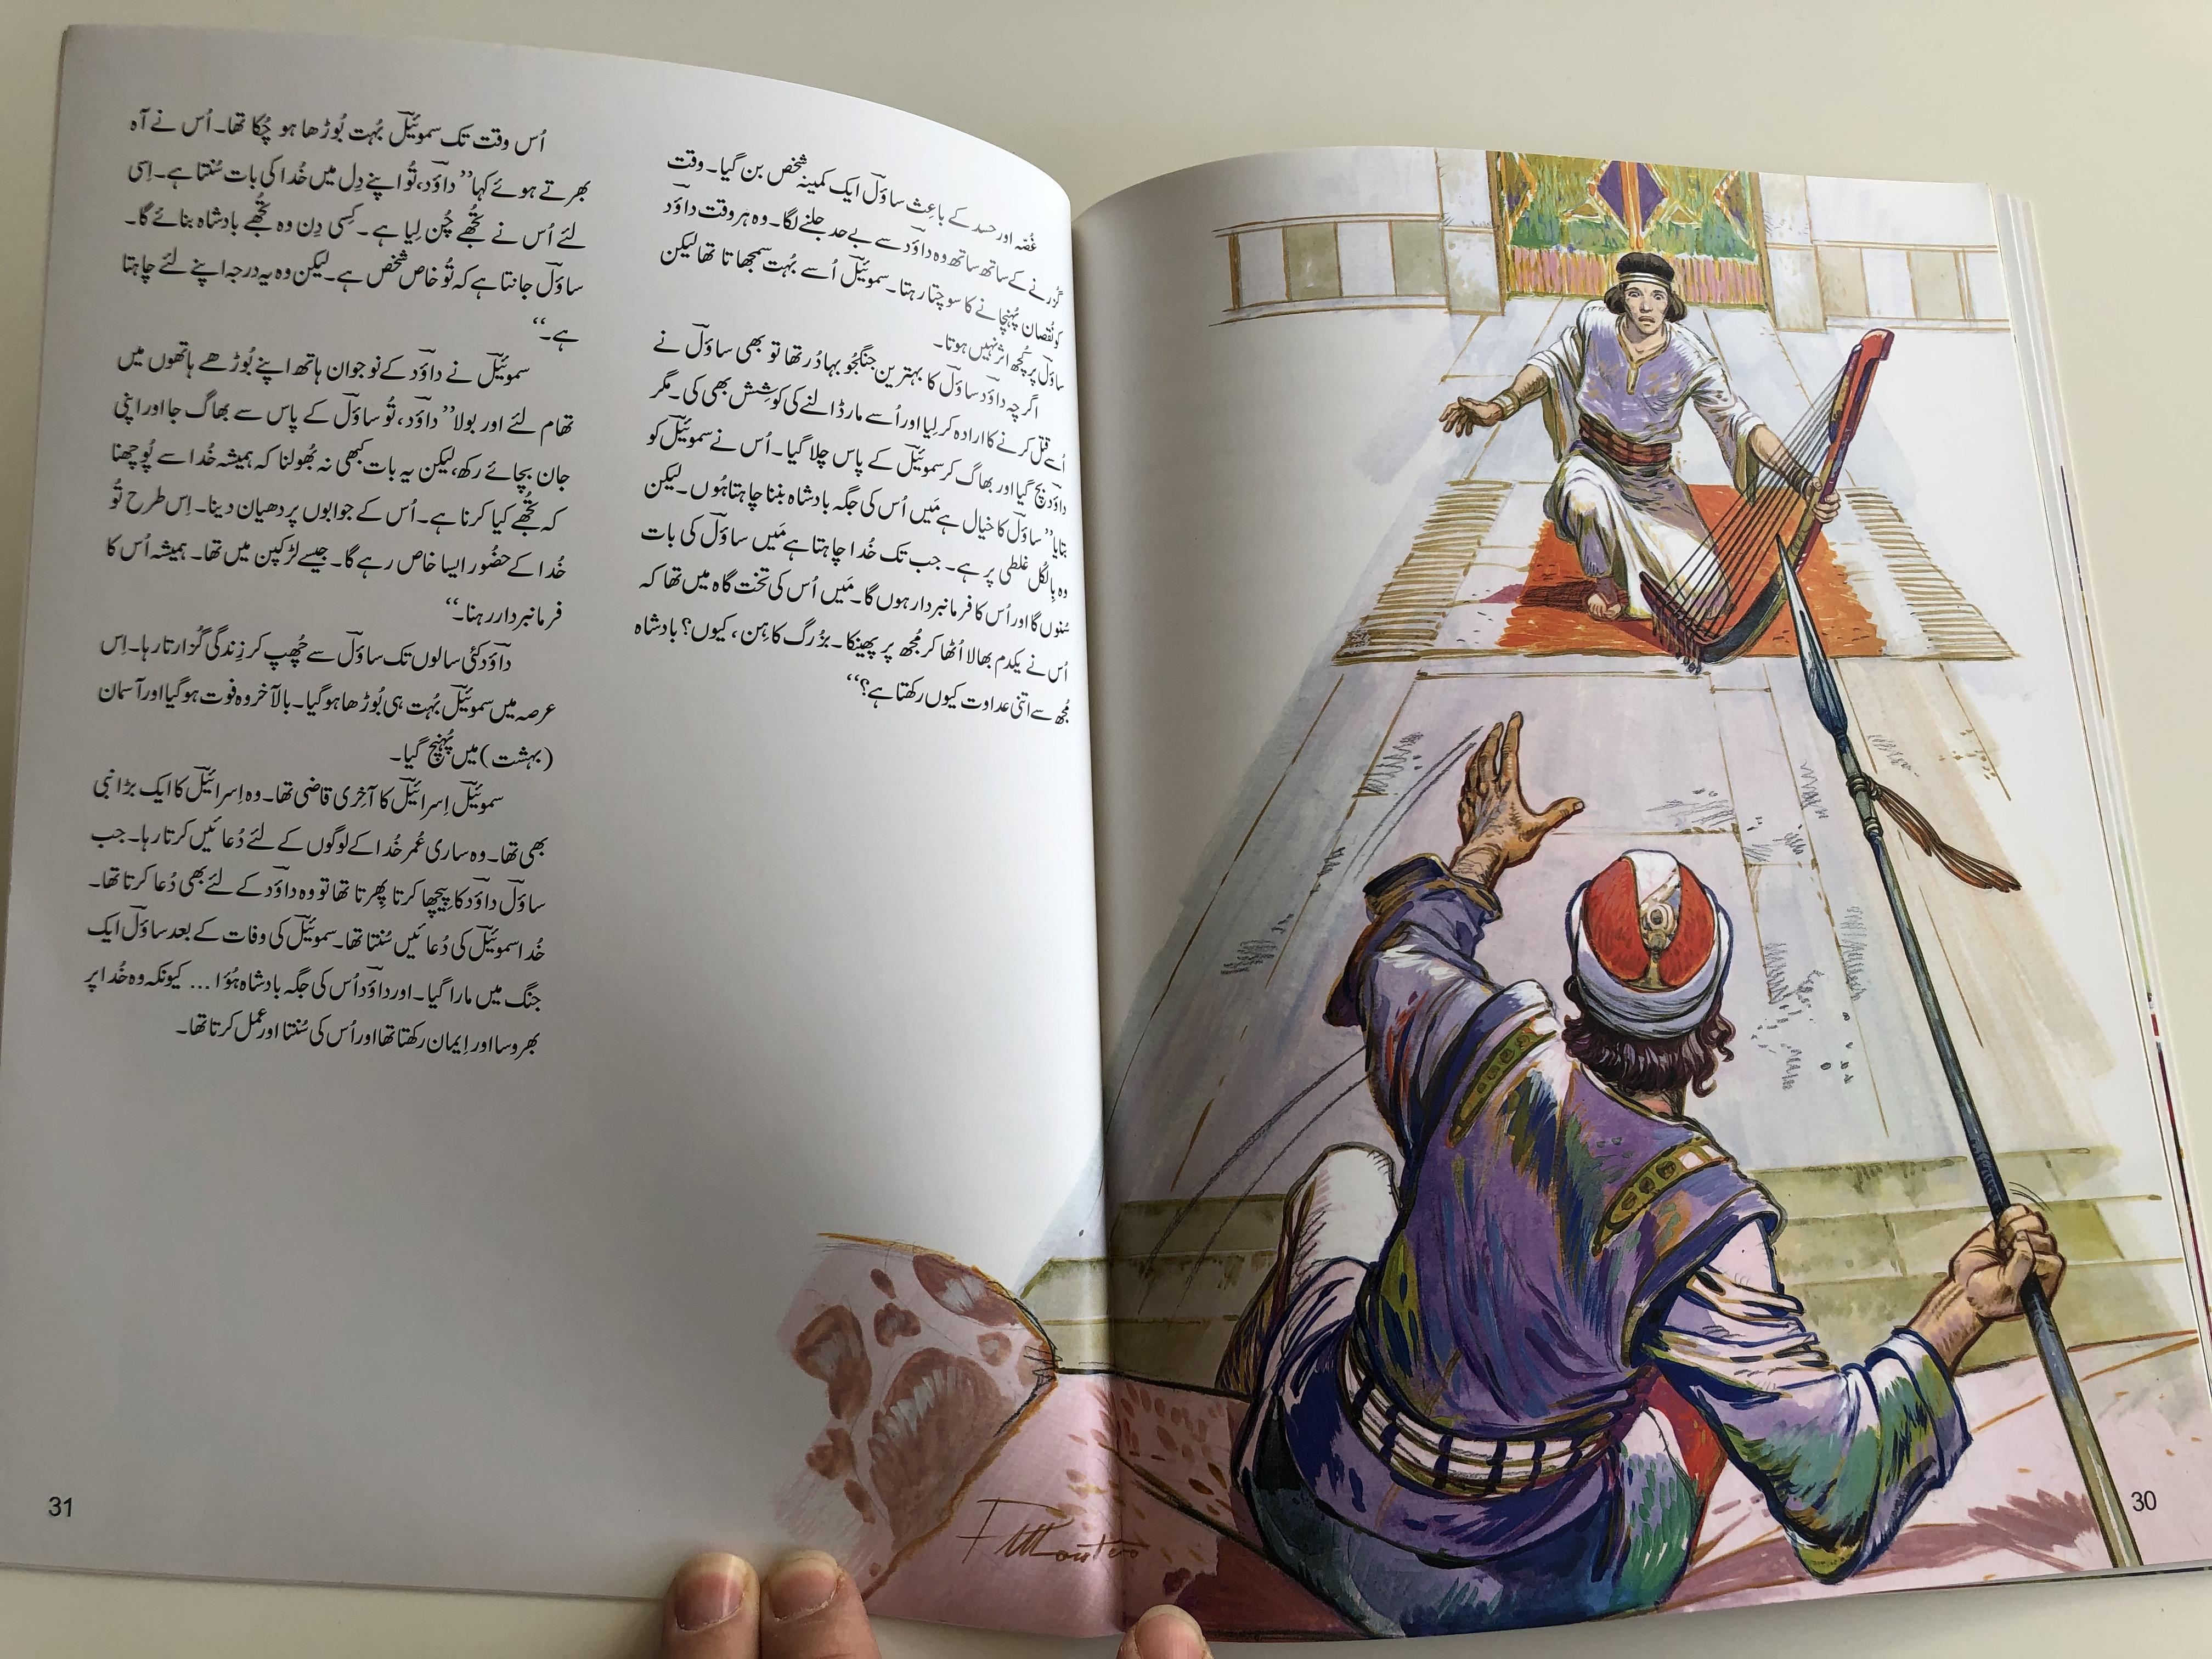 samuel-judge-and-prophet-urdu-8.jpg